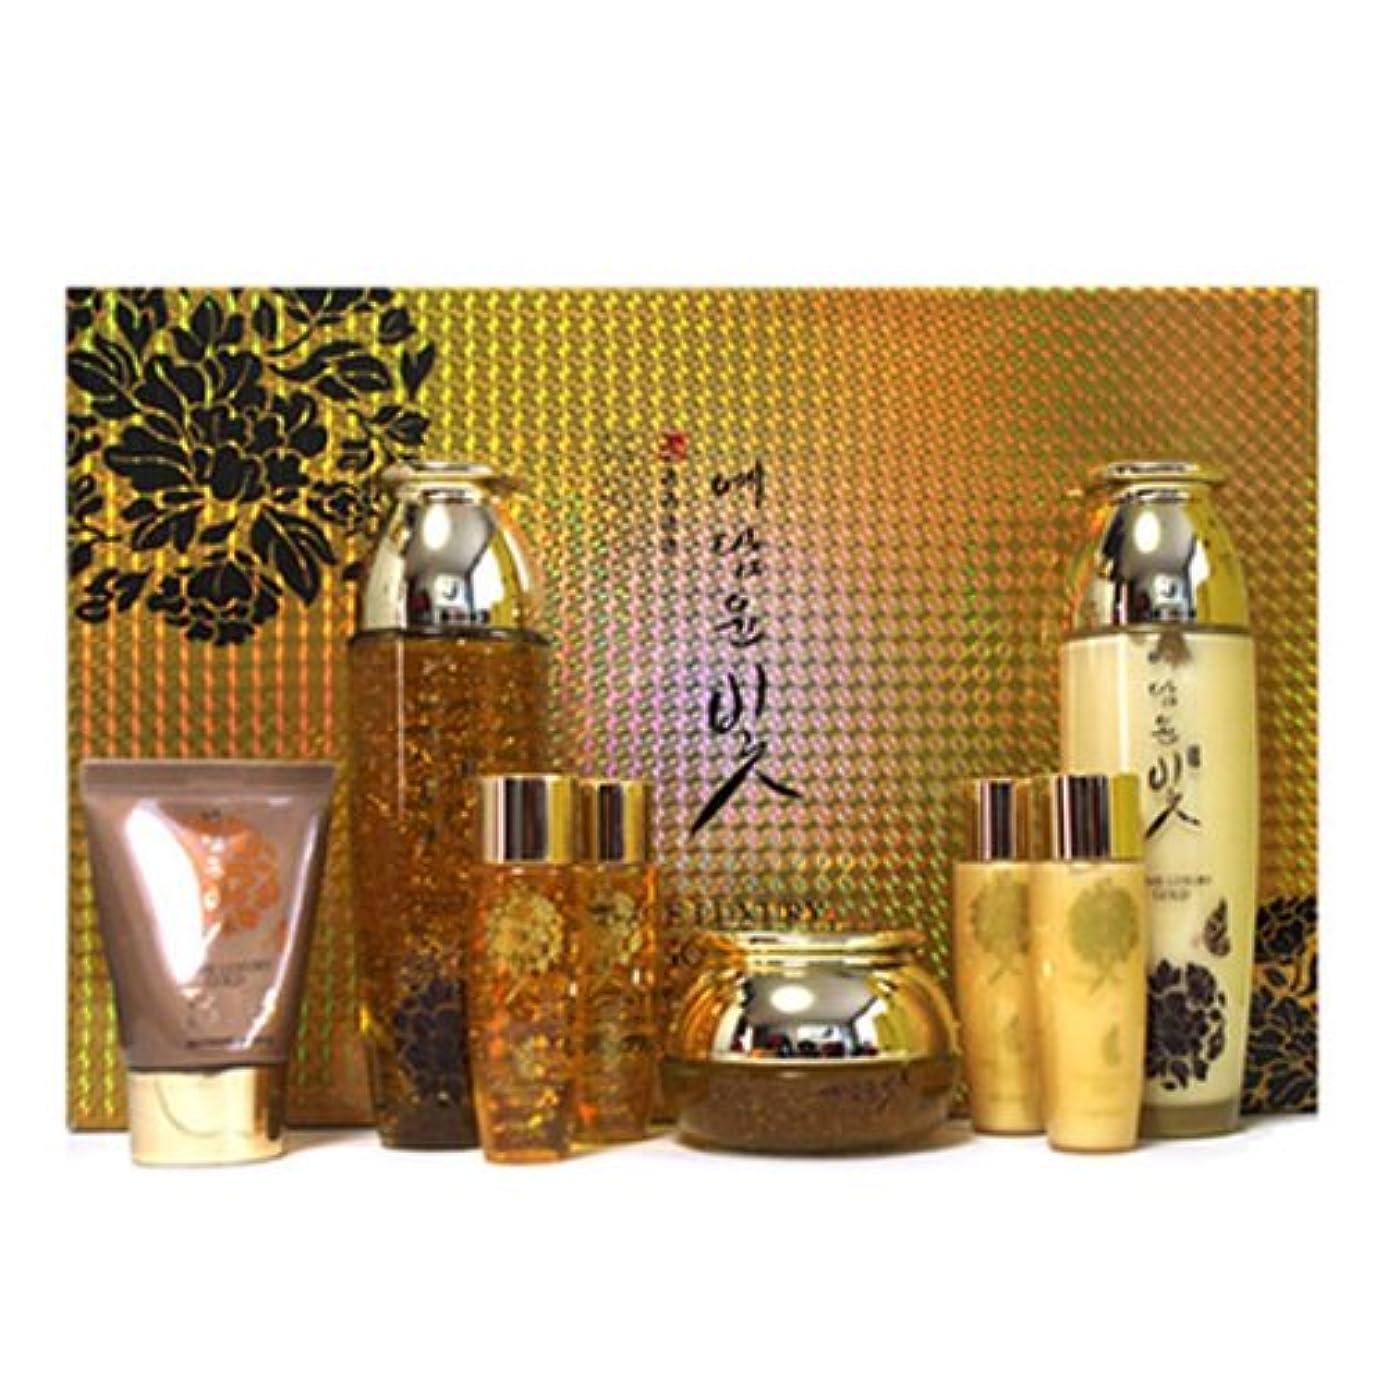 縁石陸軍お風呂を持っているイェダムユンビト[韓国コスメYedam Yun Bit]Prime Luxury Gold Skin Care Set プライムラグジュアリーゴールドスキンケア4セット 樹液 乳液 クリーム/ BBクリーム [並行輸入品]